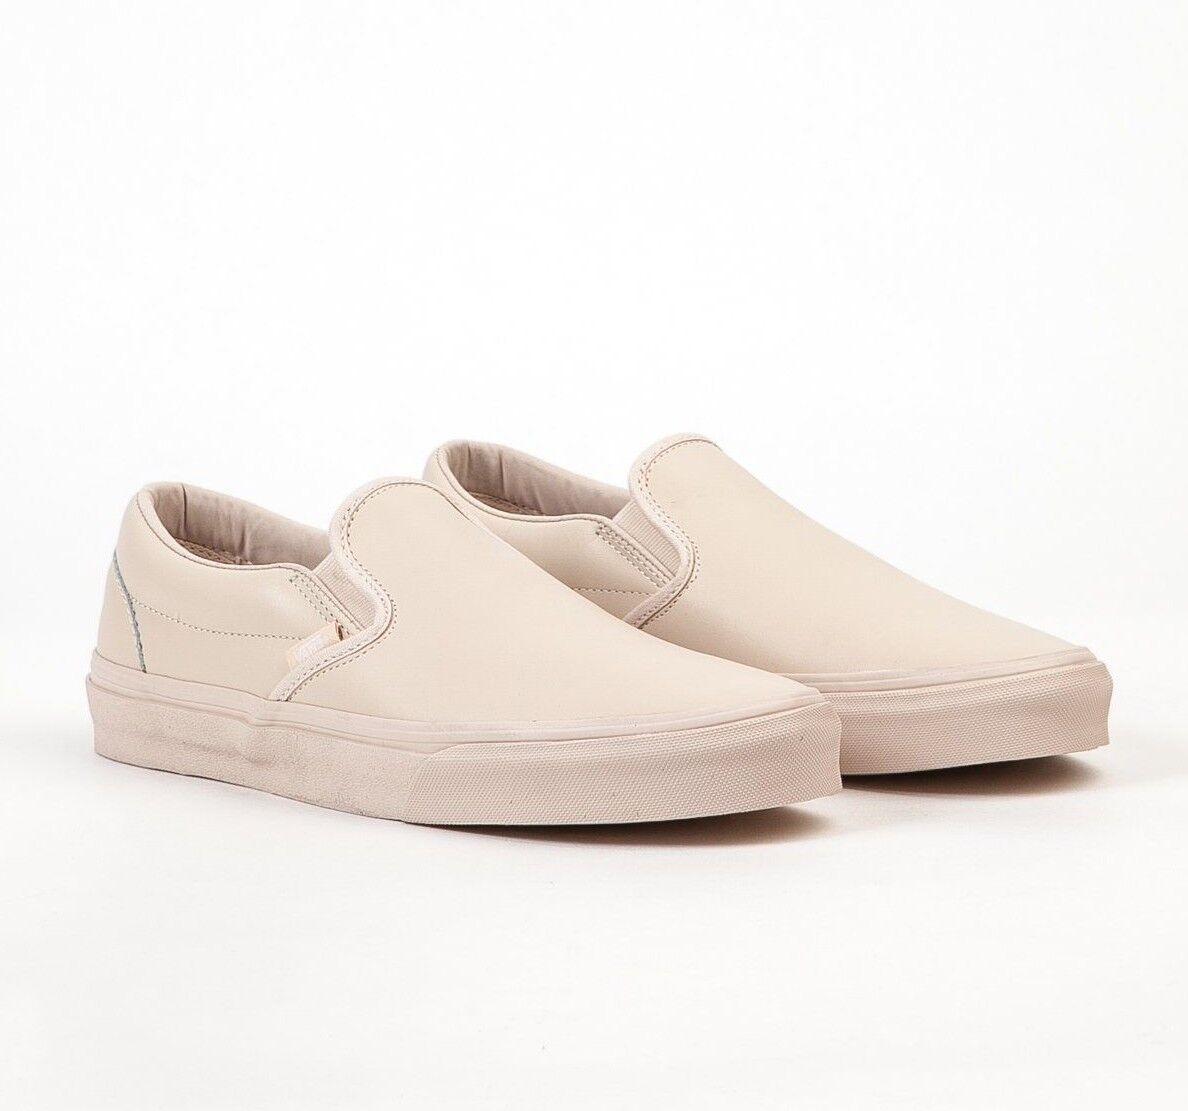 Vans Classic Slip On (Leather) Whisper rose Mono hommes 8.5 femmes  10